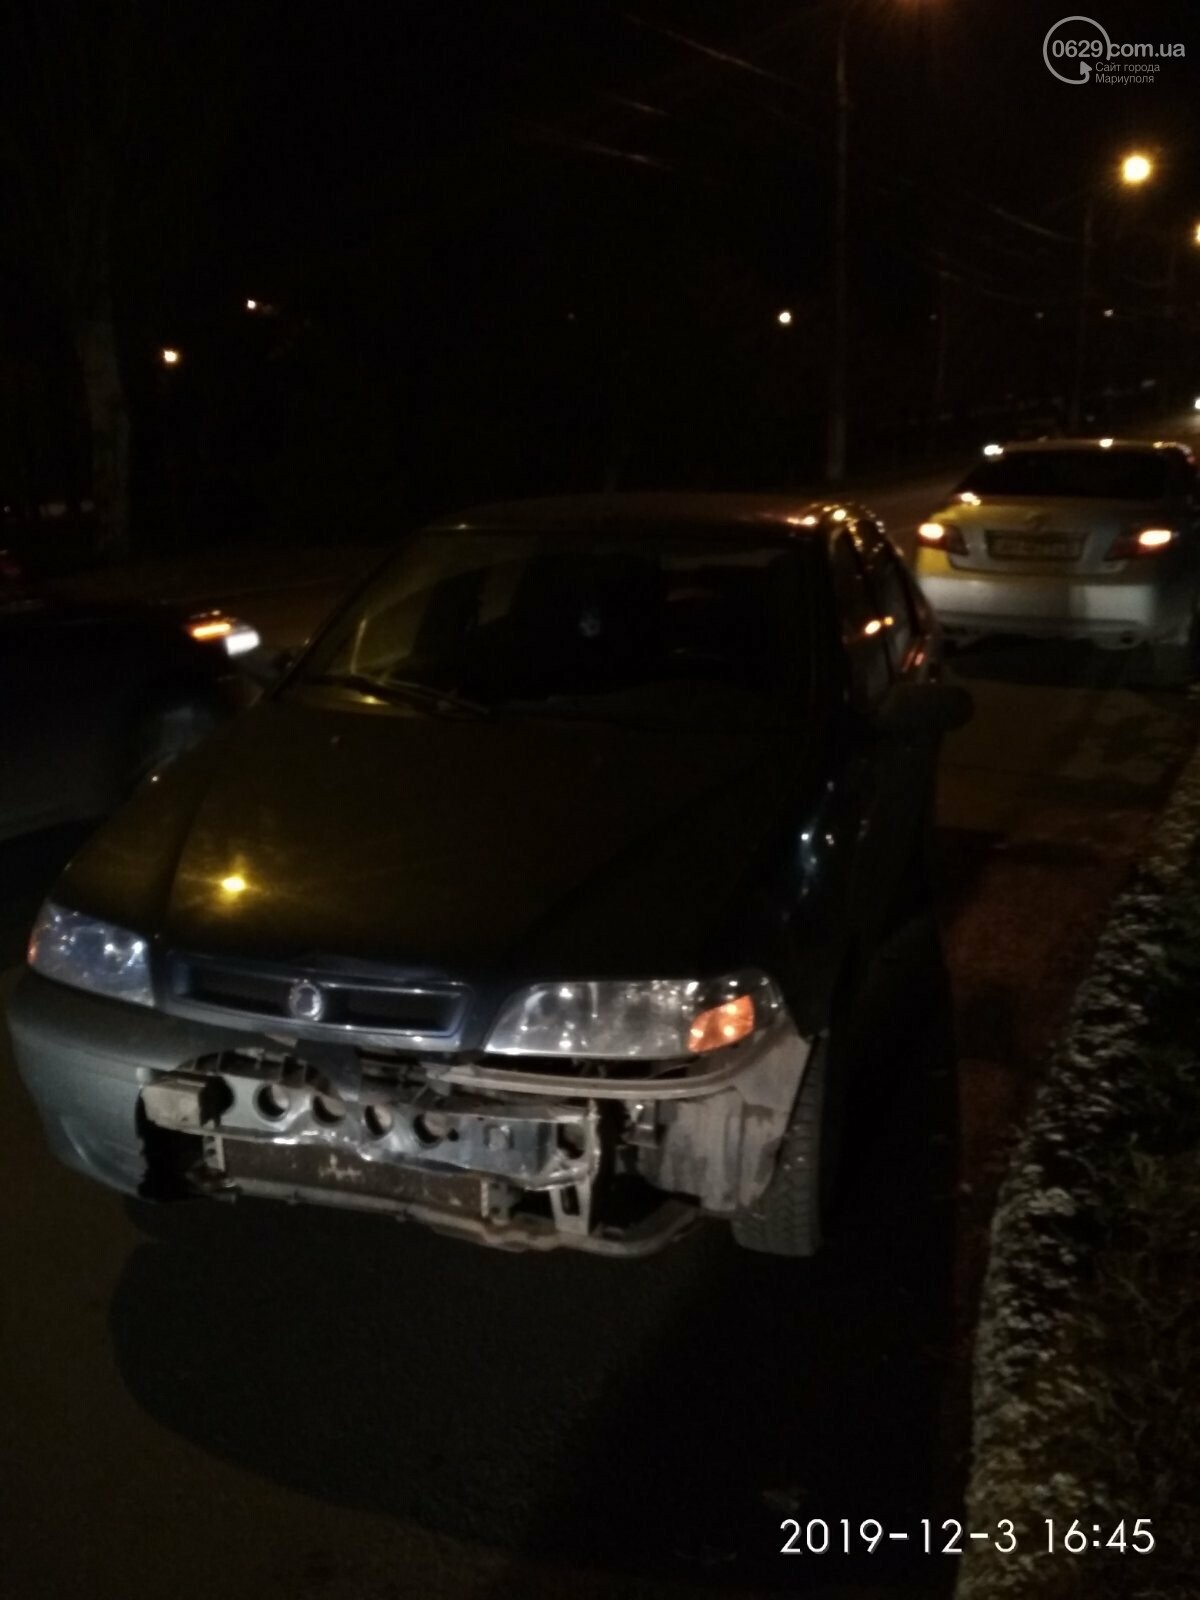 Водители, будьте внимательнее! В Мариуполе произошло два ДТП, - ФОТО, фото-5